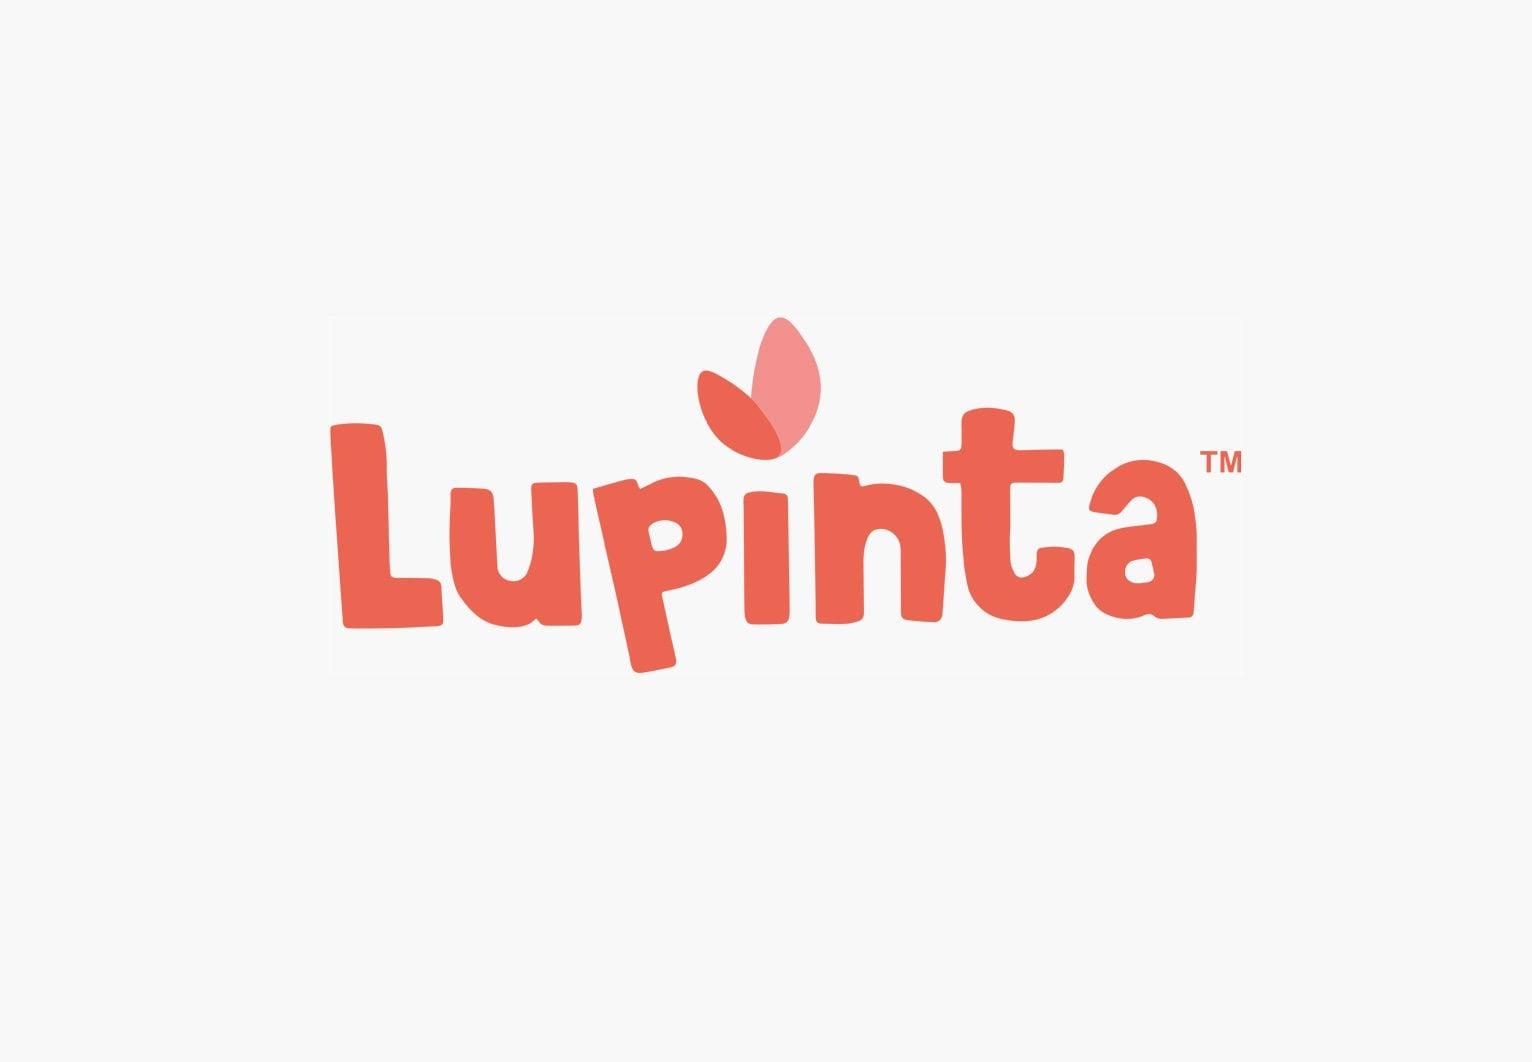 lupinta_logotype